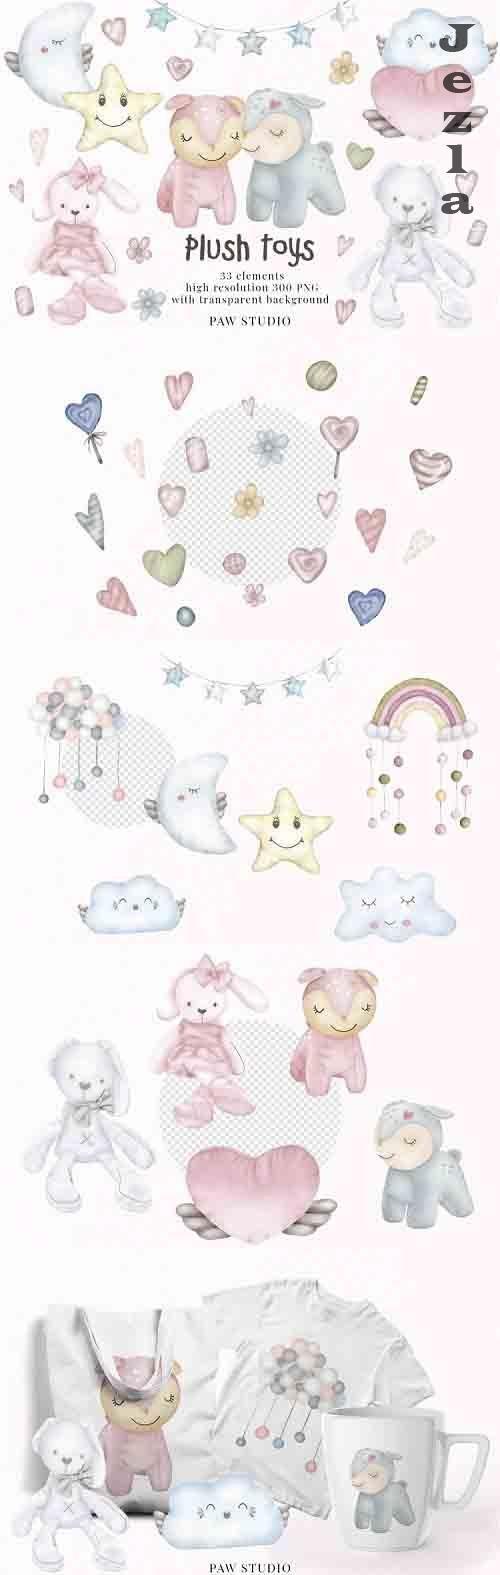 Plush Toys Animals Holiday Birthday Clipart Valentines Day - 1051158